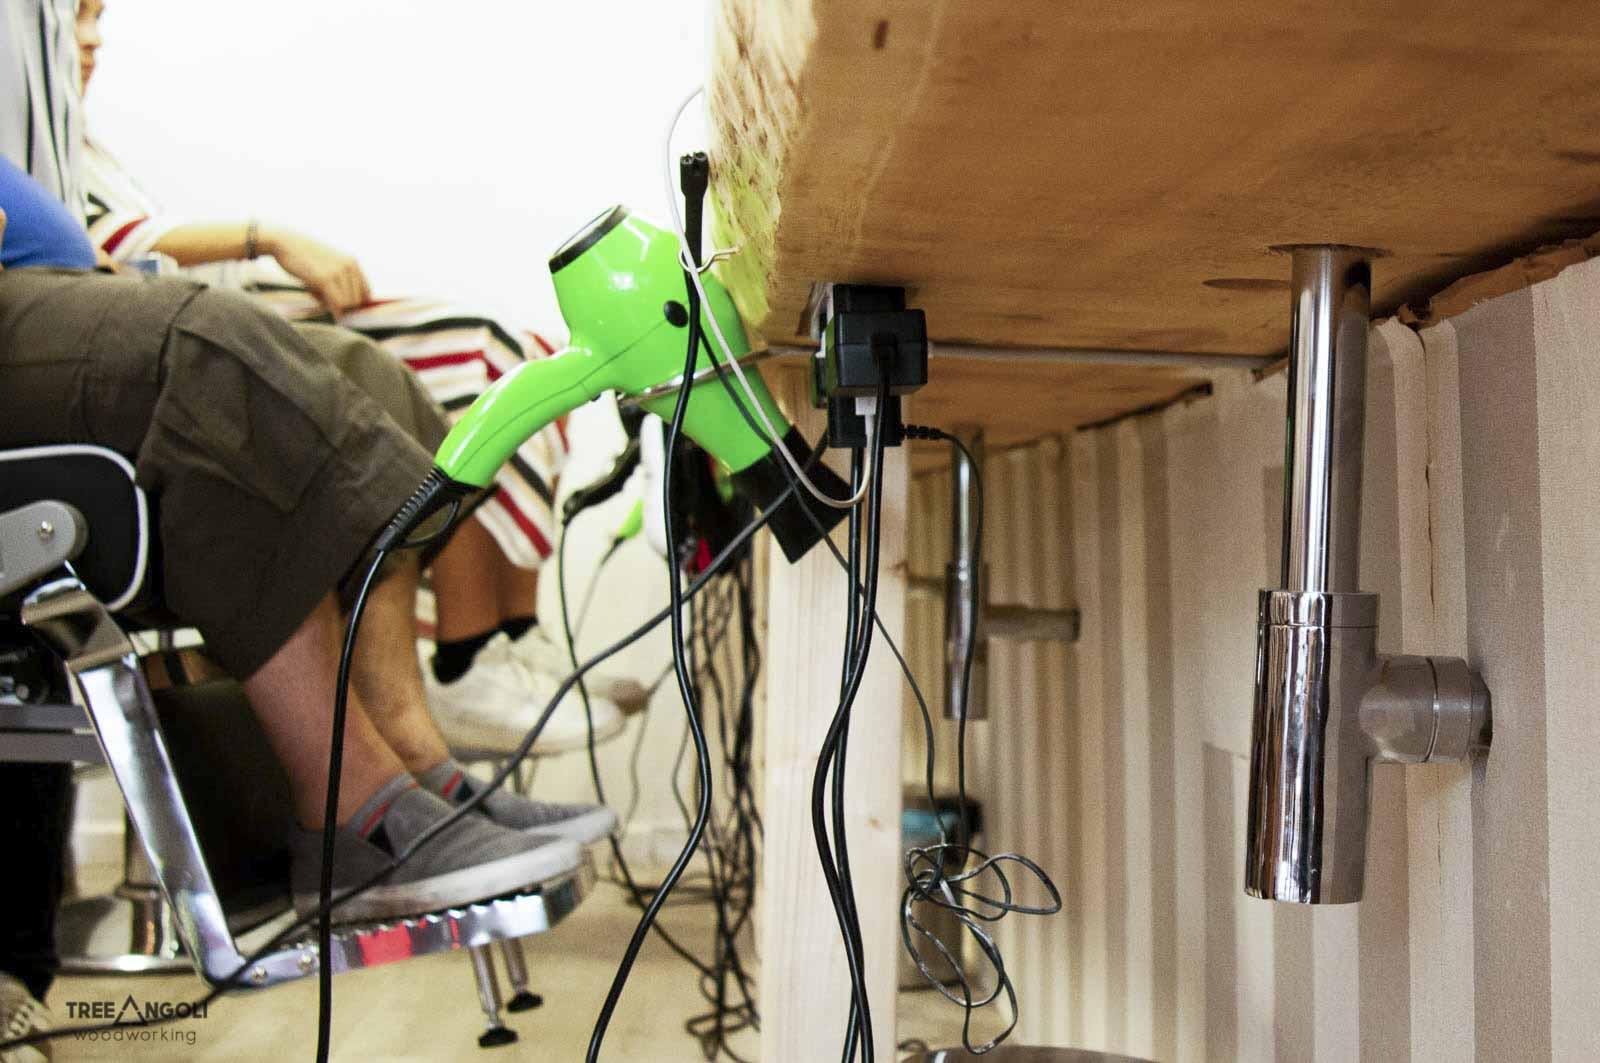 Dettaglio parte inferiore del piano di lavoro con scasso per presa multipla e scarico lavandini